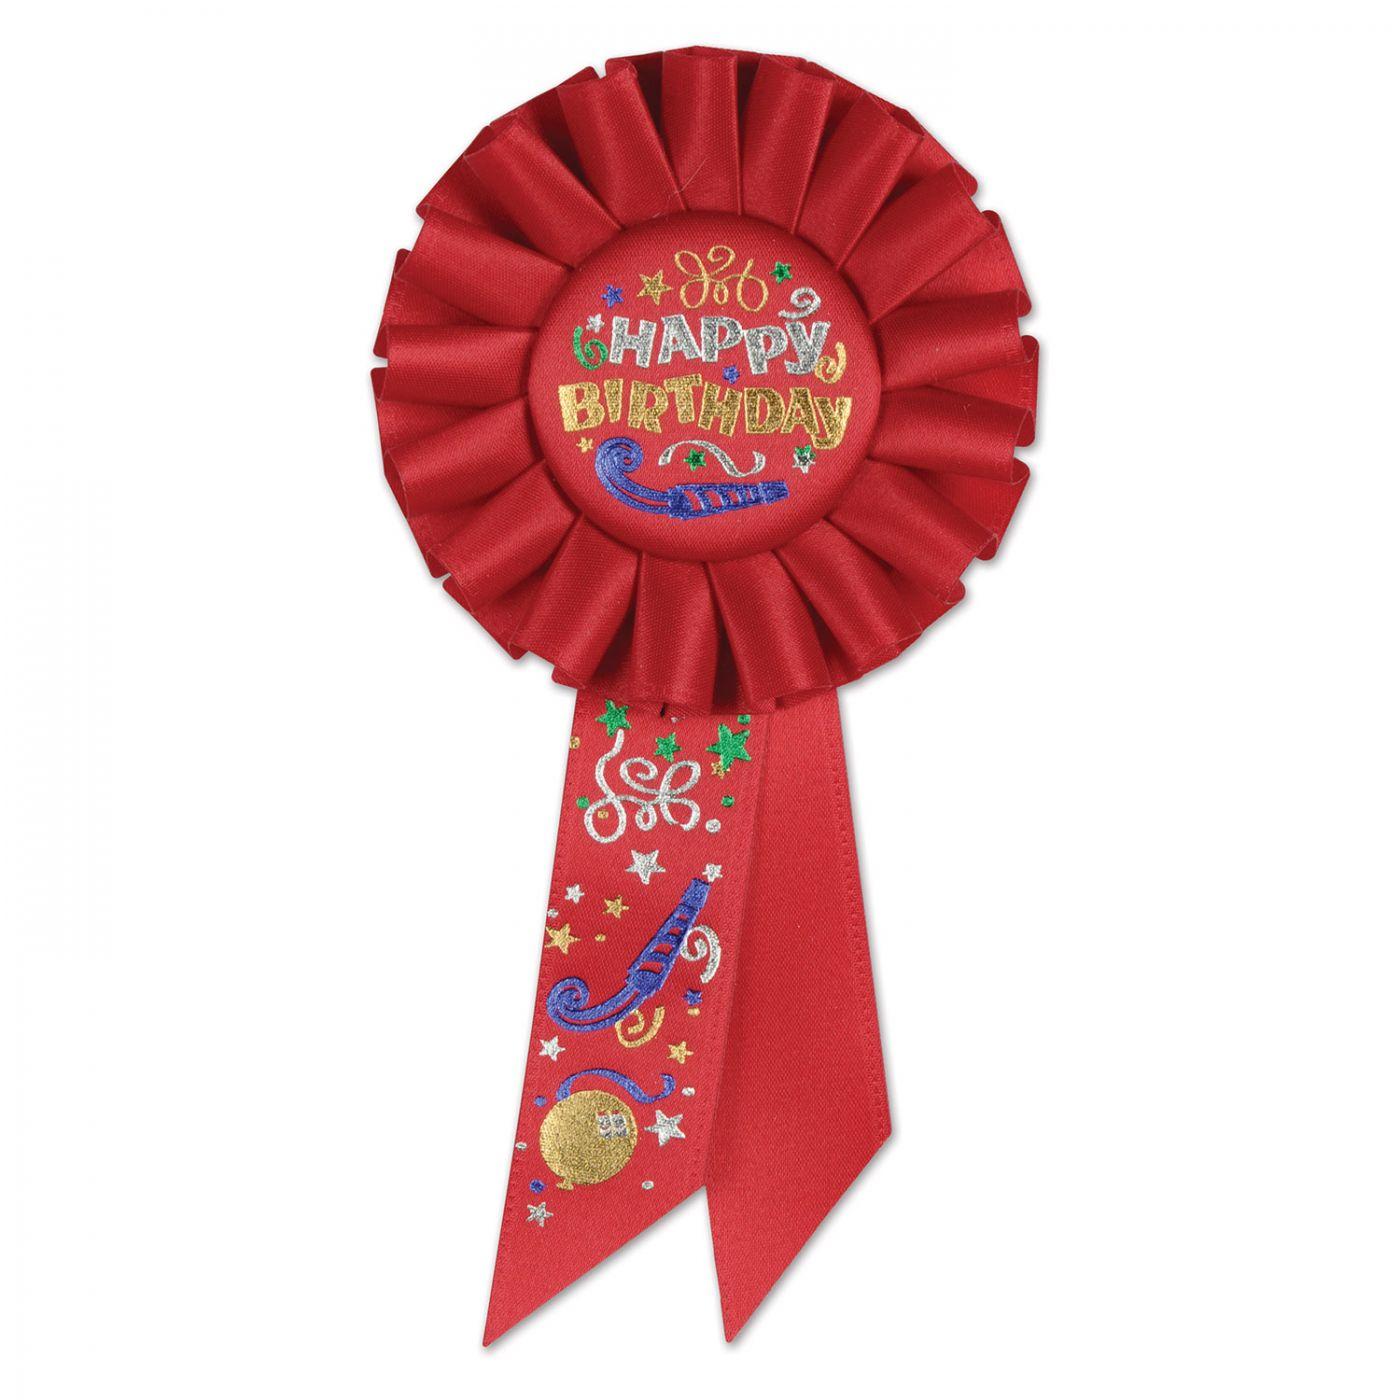 Happy Birthday Rosette (6) image